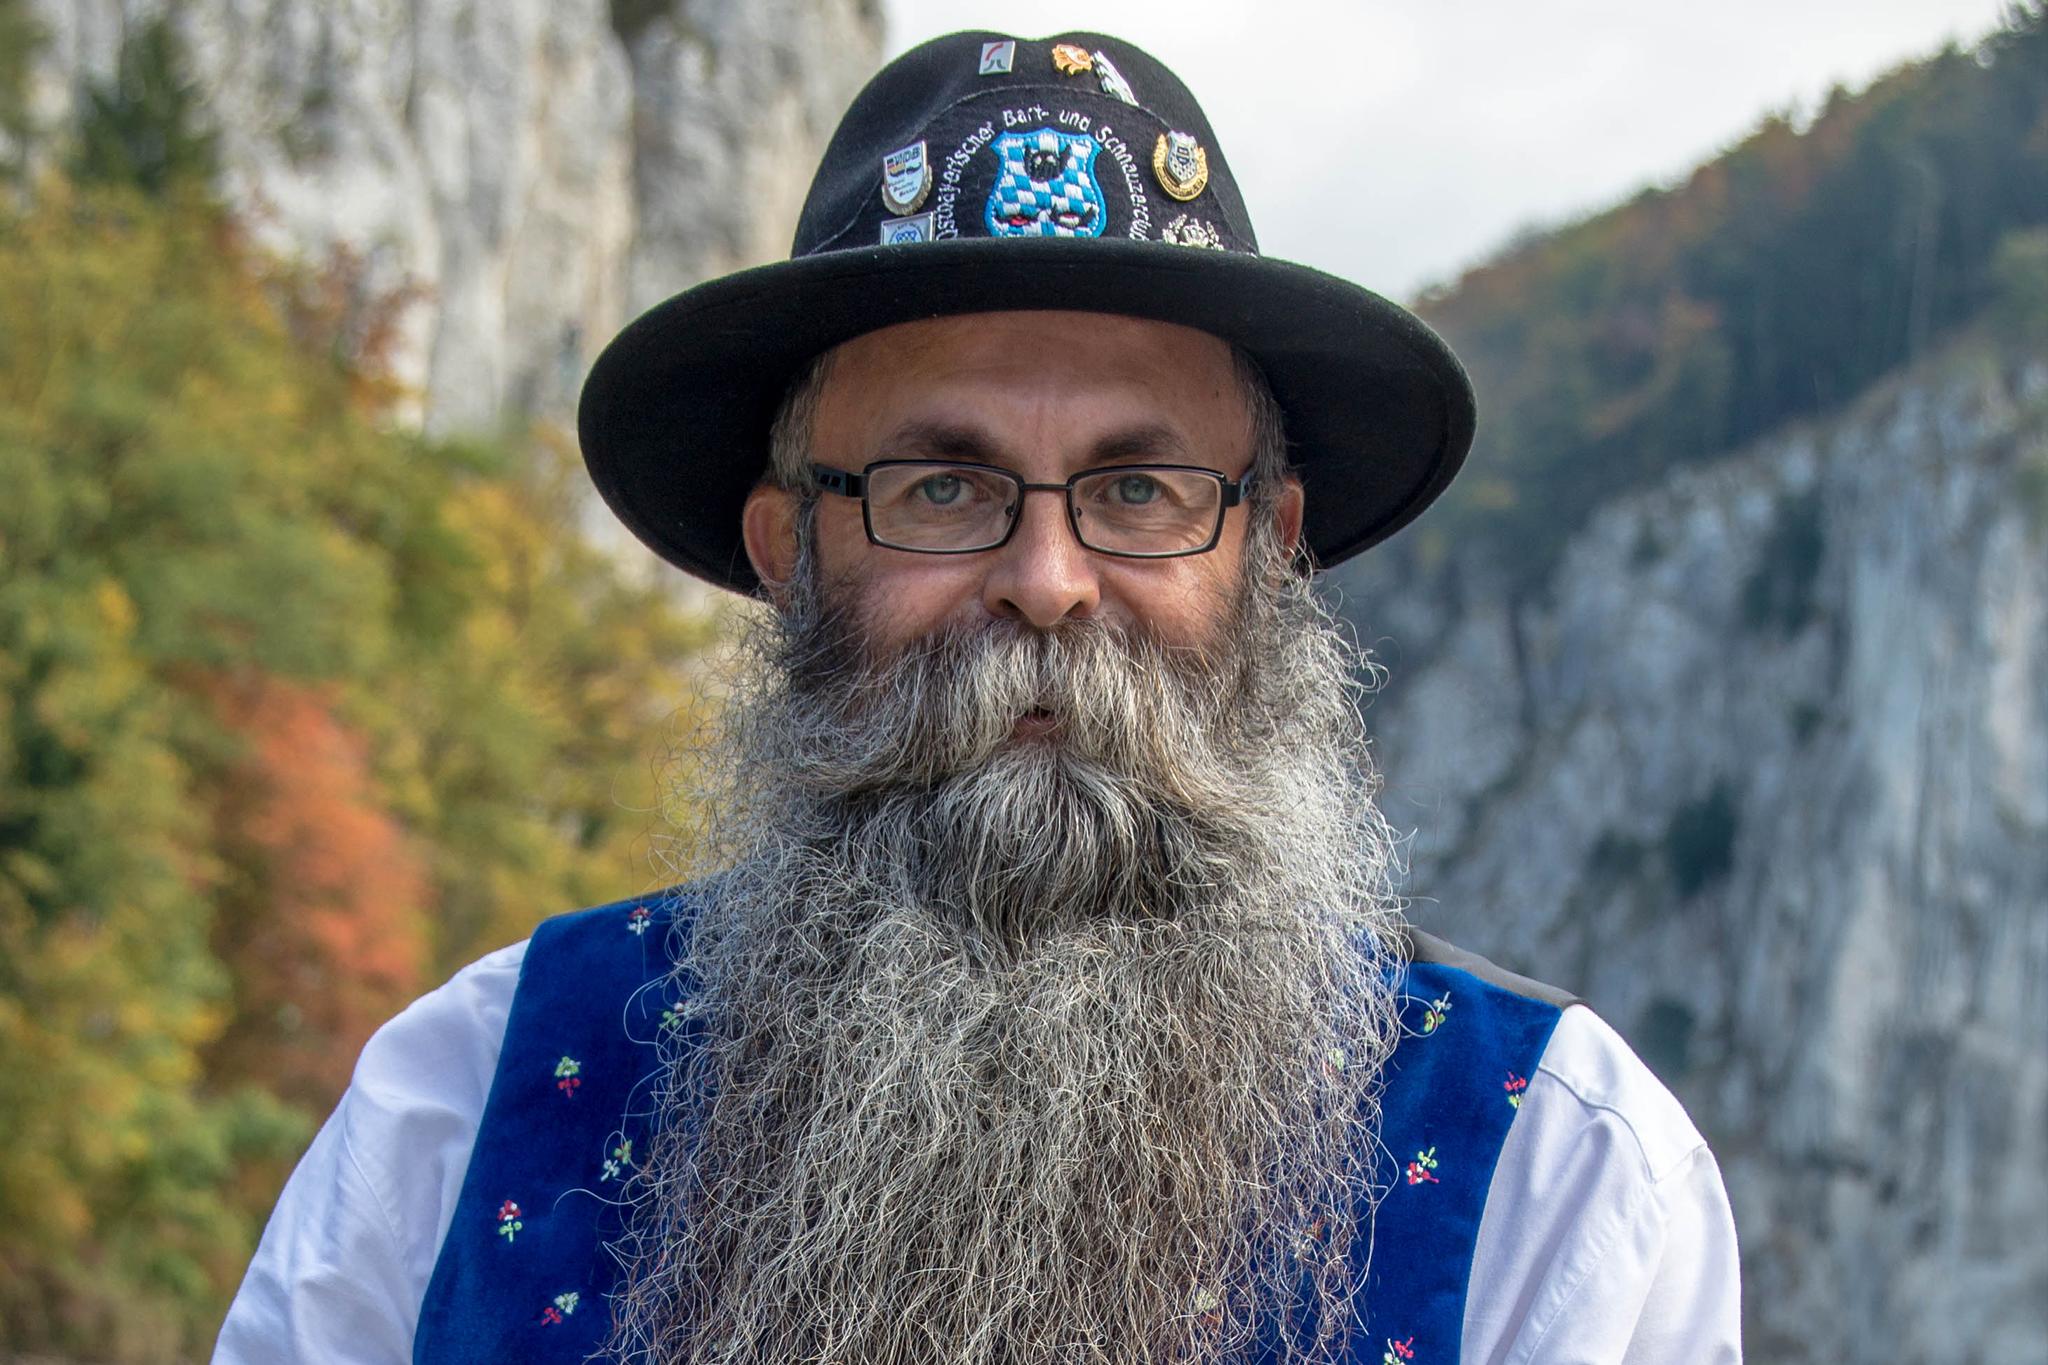 In bärtigen Kreisen fällt sein Name immer wieder. Wilhelm Preuß ist ein Urgestein der Bartkultur.